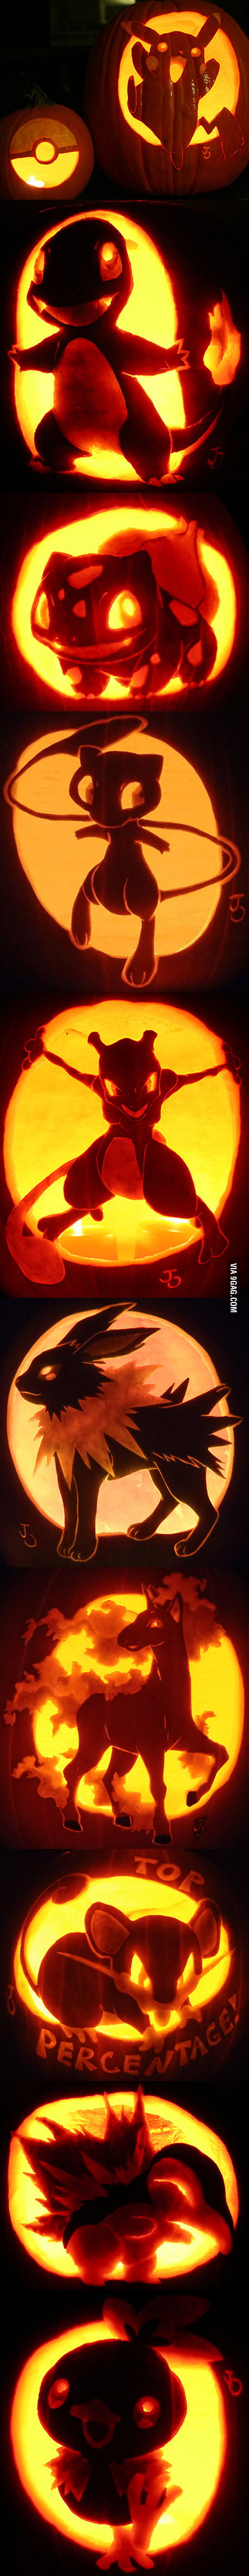 Pokemon Jack-O'-Lantern Pumpkin Art